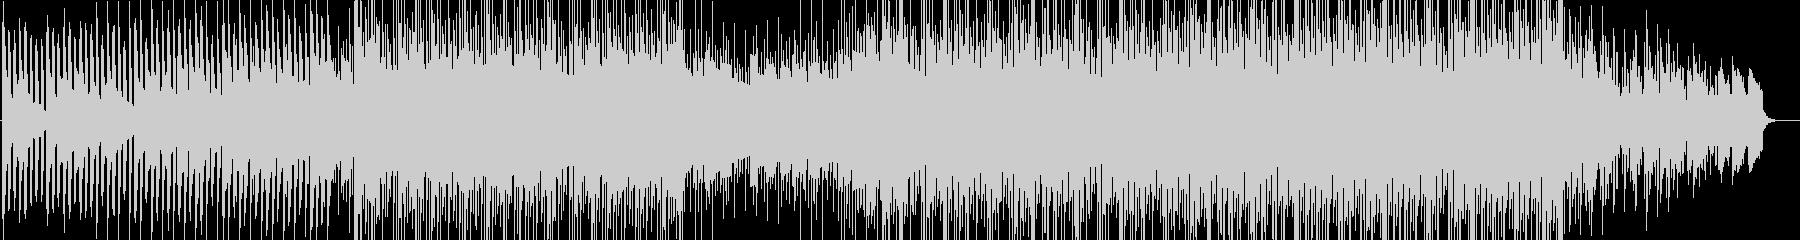 ピアノサウンドと共に映像に疾走感をの未再生の波形